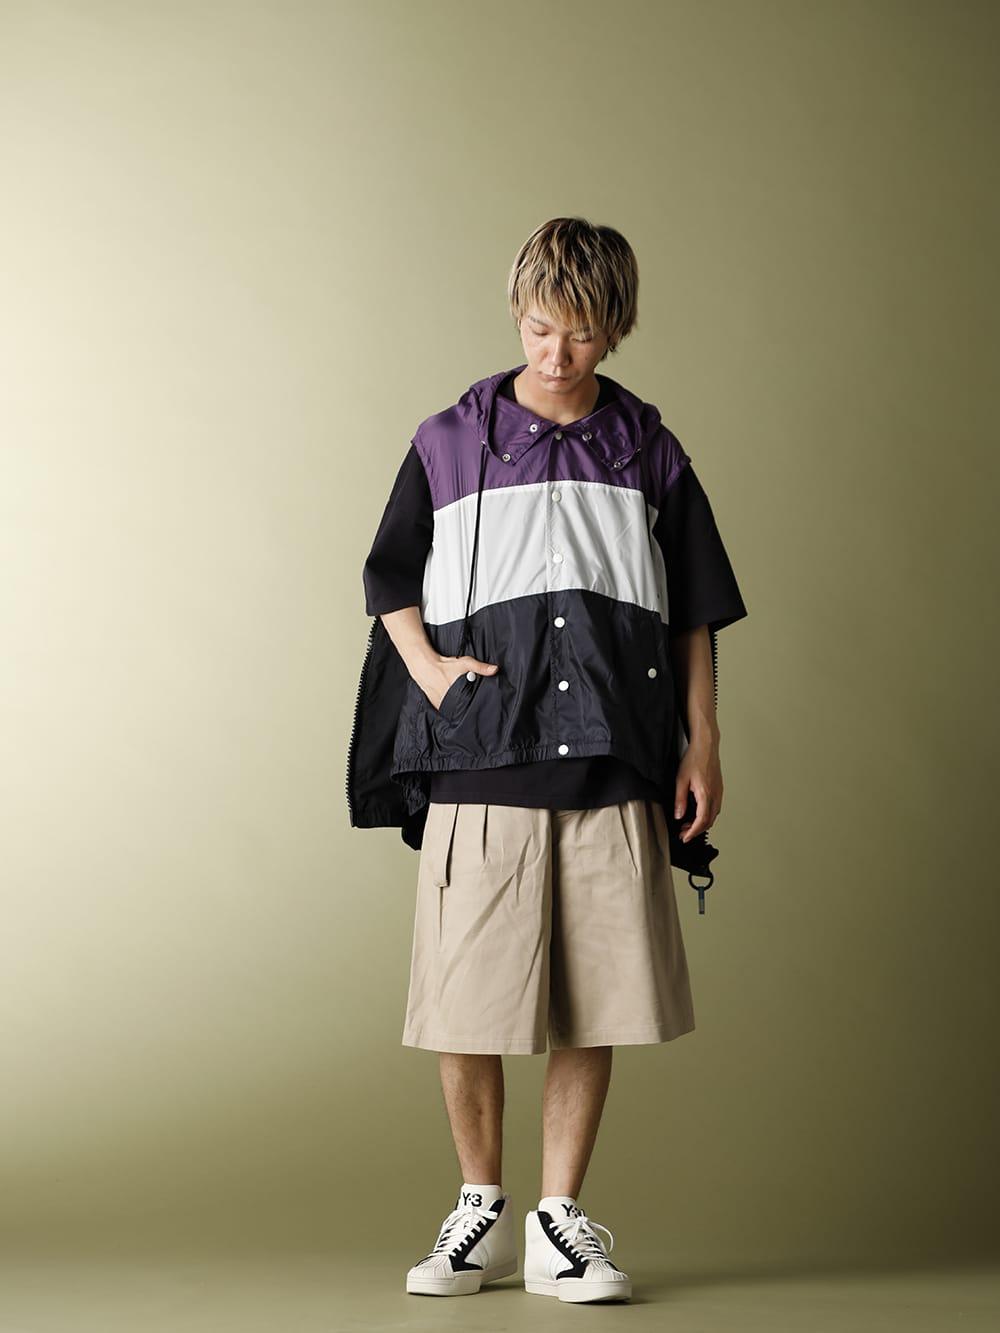 Maison MIHARAYASUHIRO BRAND MIX Street Style!! - 3-001